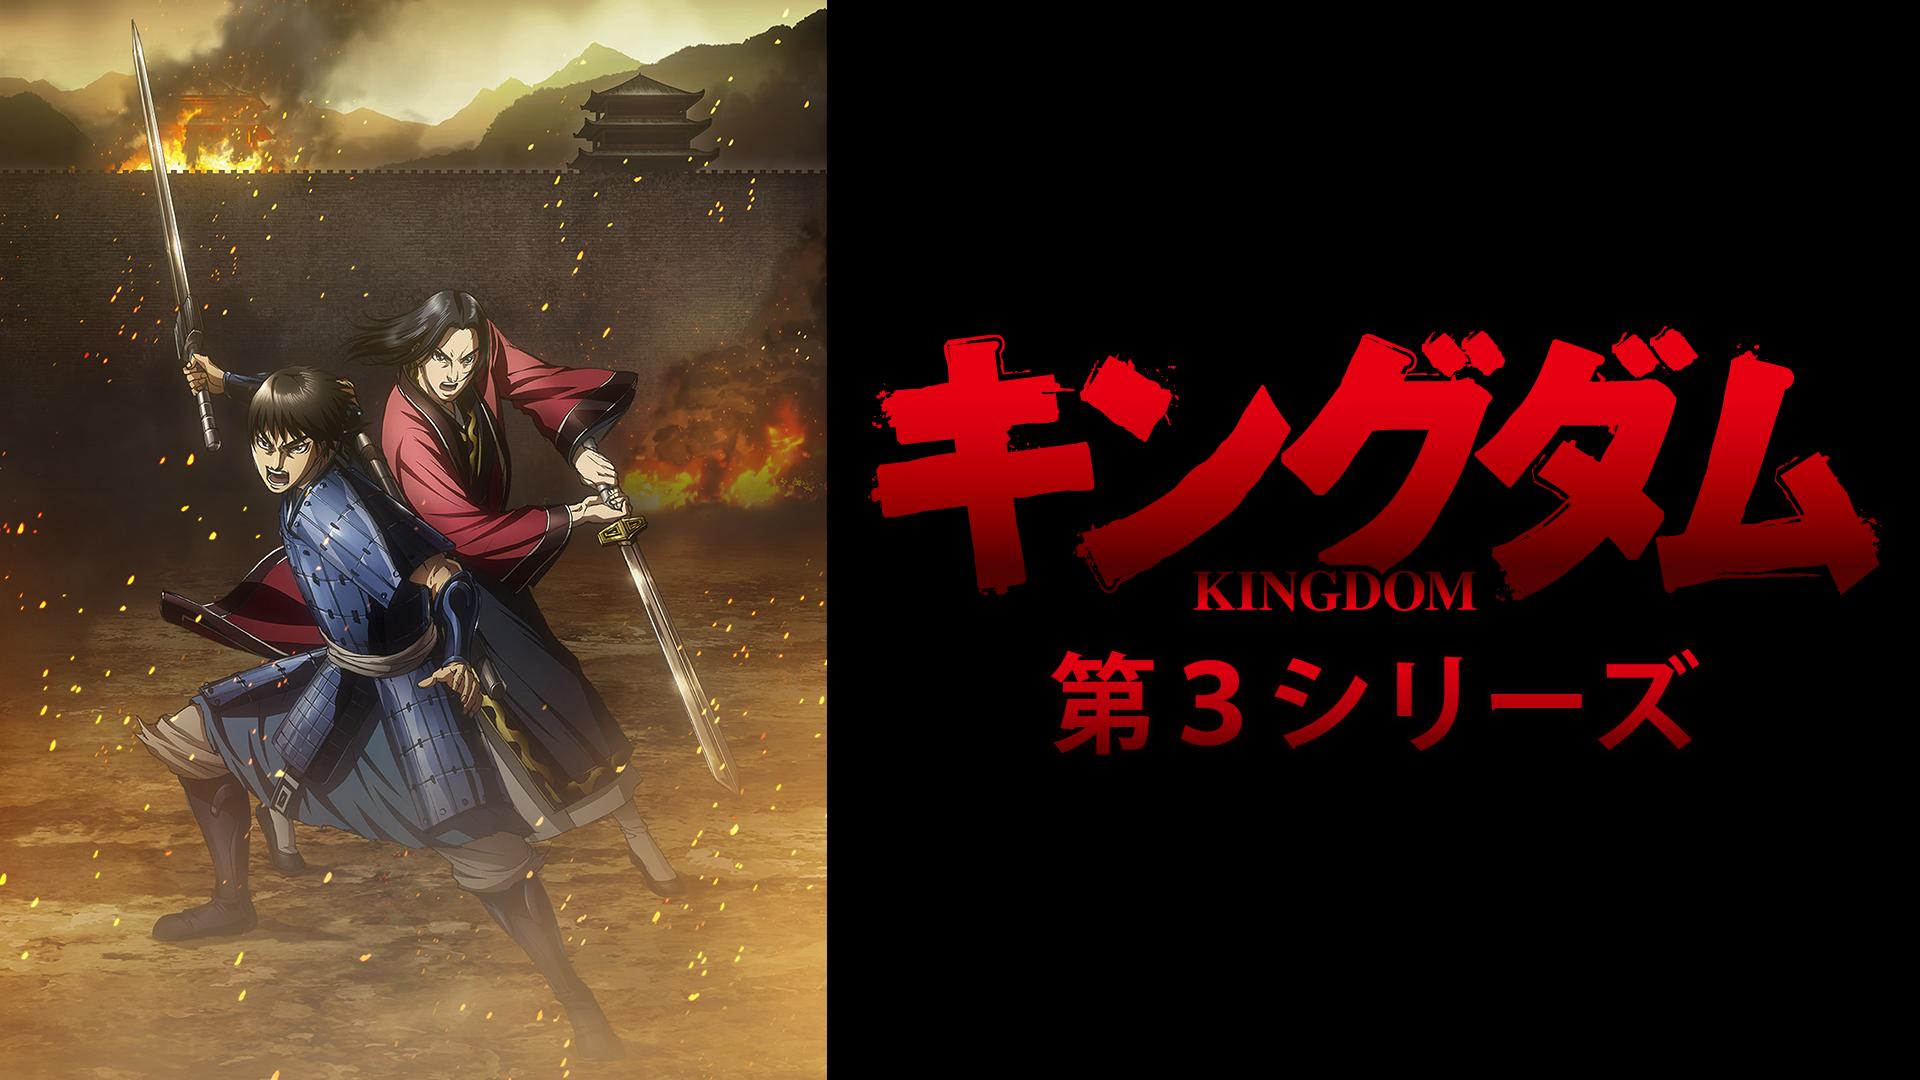 アニメ『キングダム(第3シリーズ)』無料動画まとめ!1話から最終話を見逃しフル視聴する方法